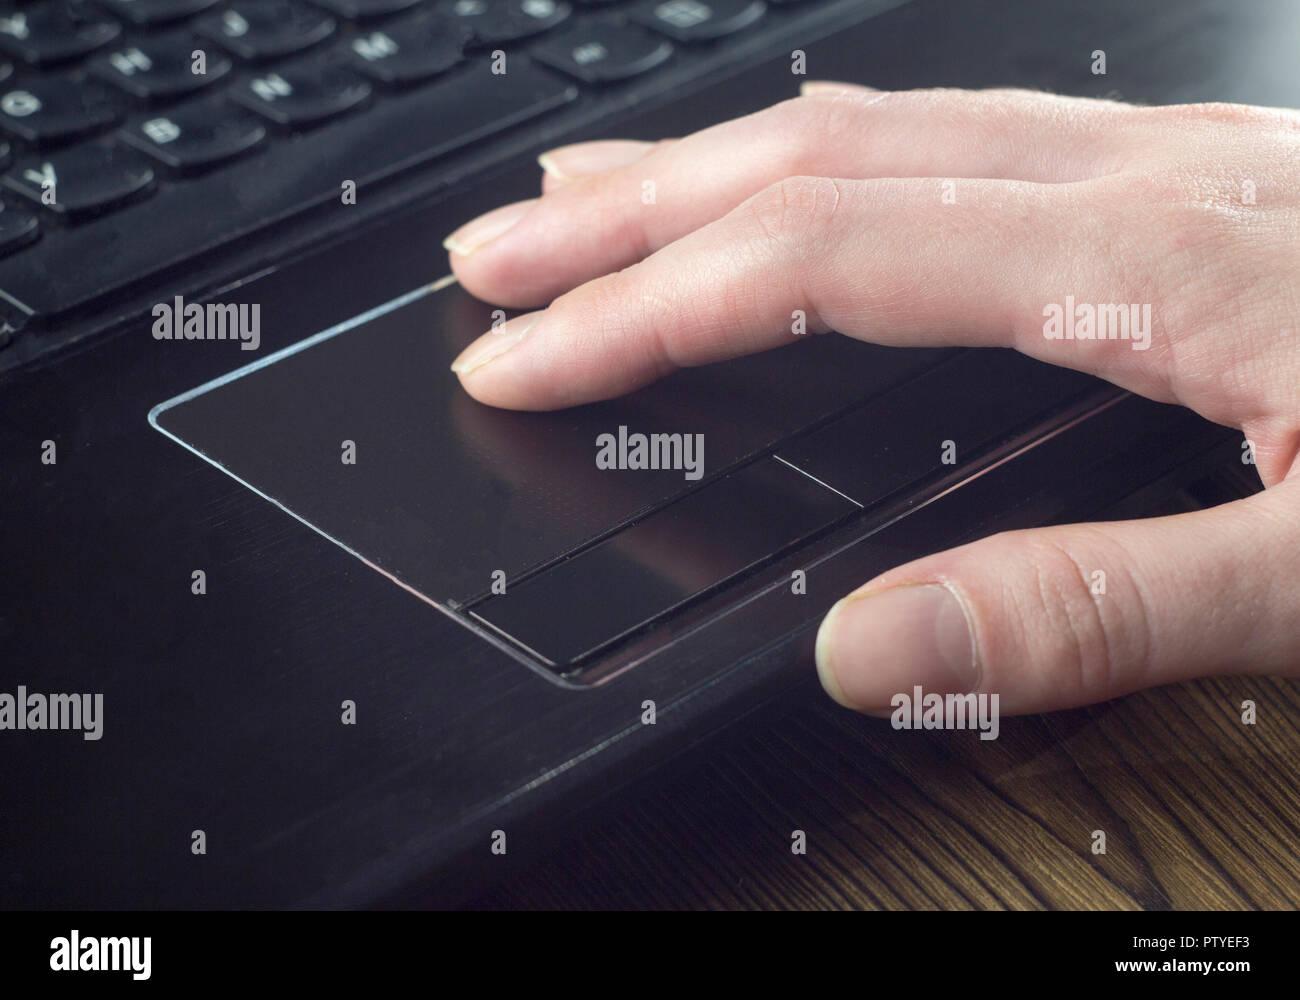 Main sur le pavé tactile de l'ordinateur portable Photo Stock